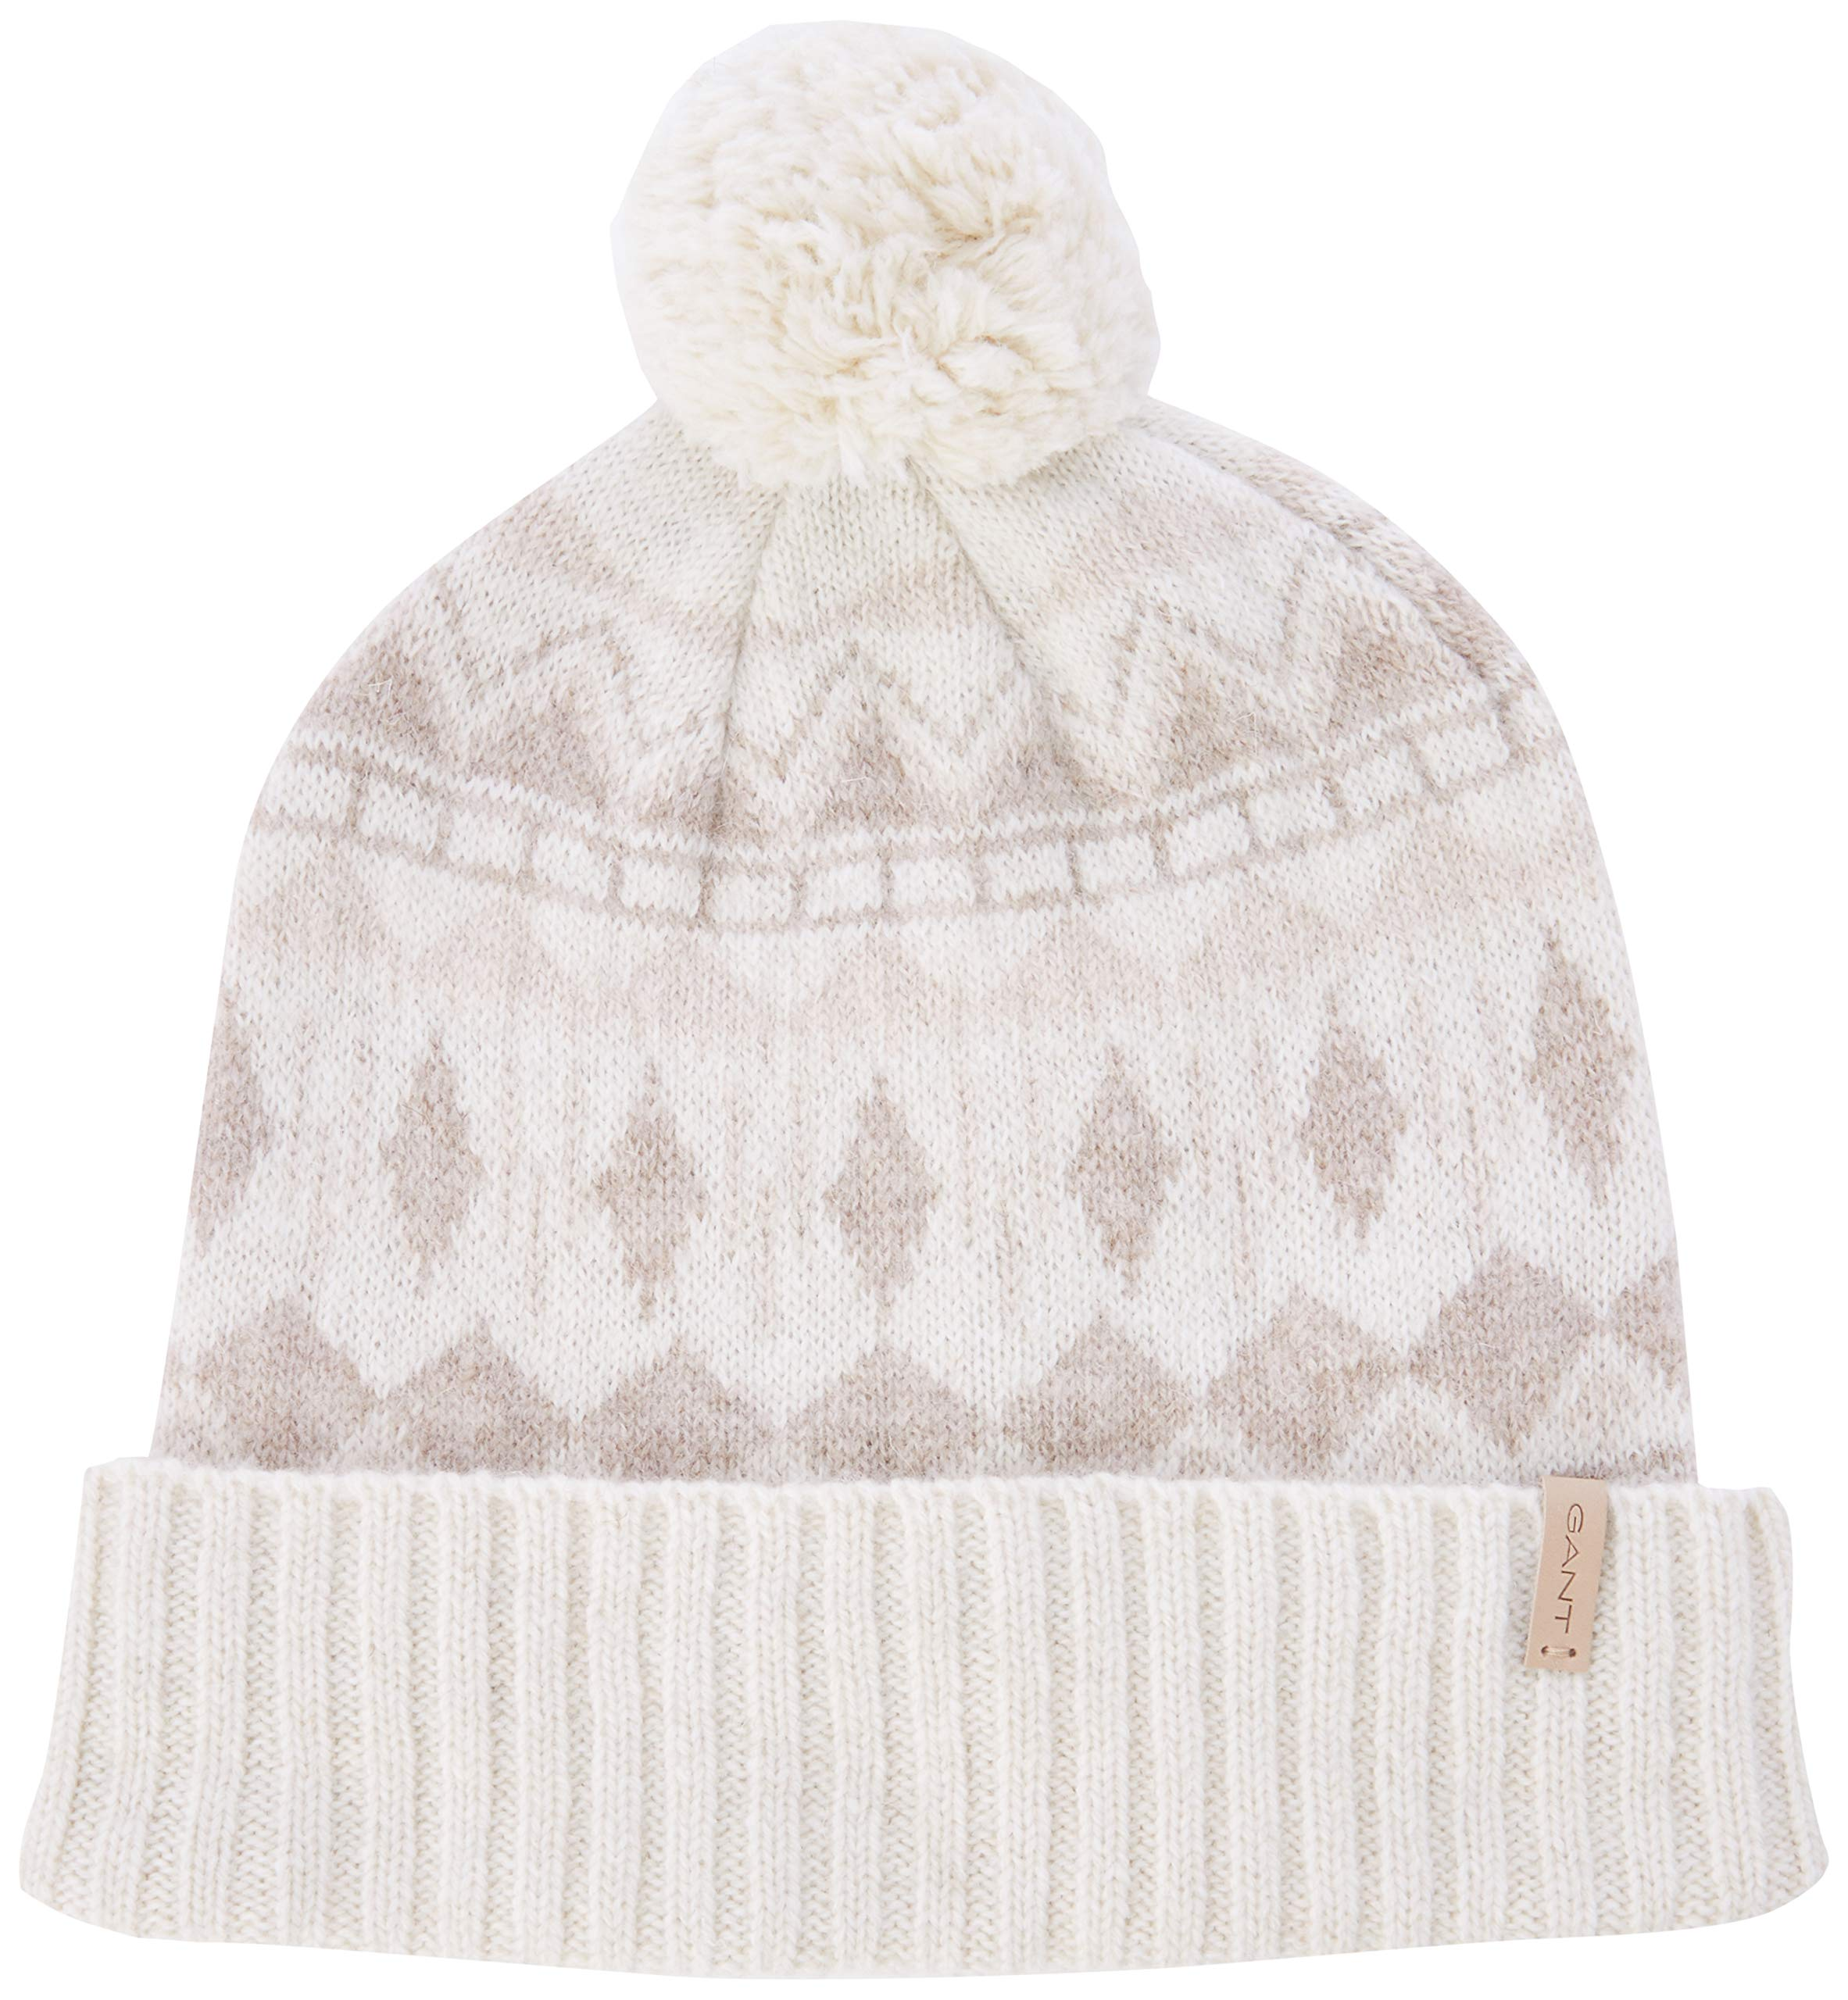 Femme BonnetEcrueggshellTaille Knit Hat Unique Gant O2Nordic iXZuPOk